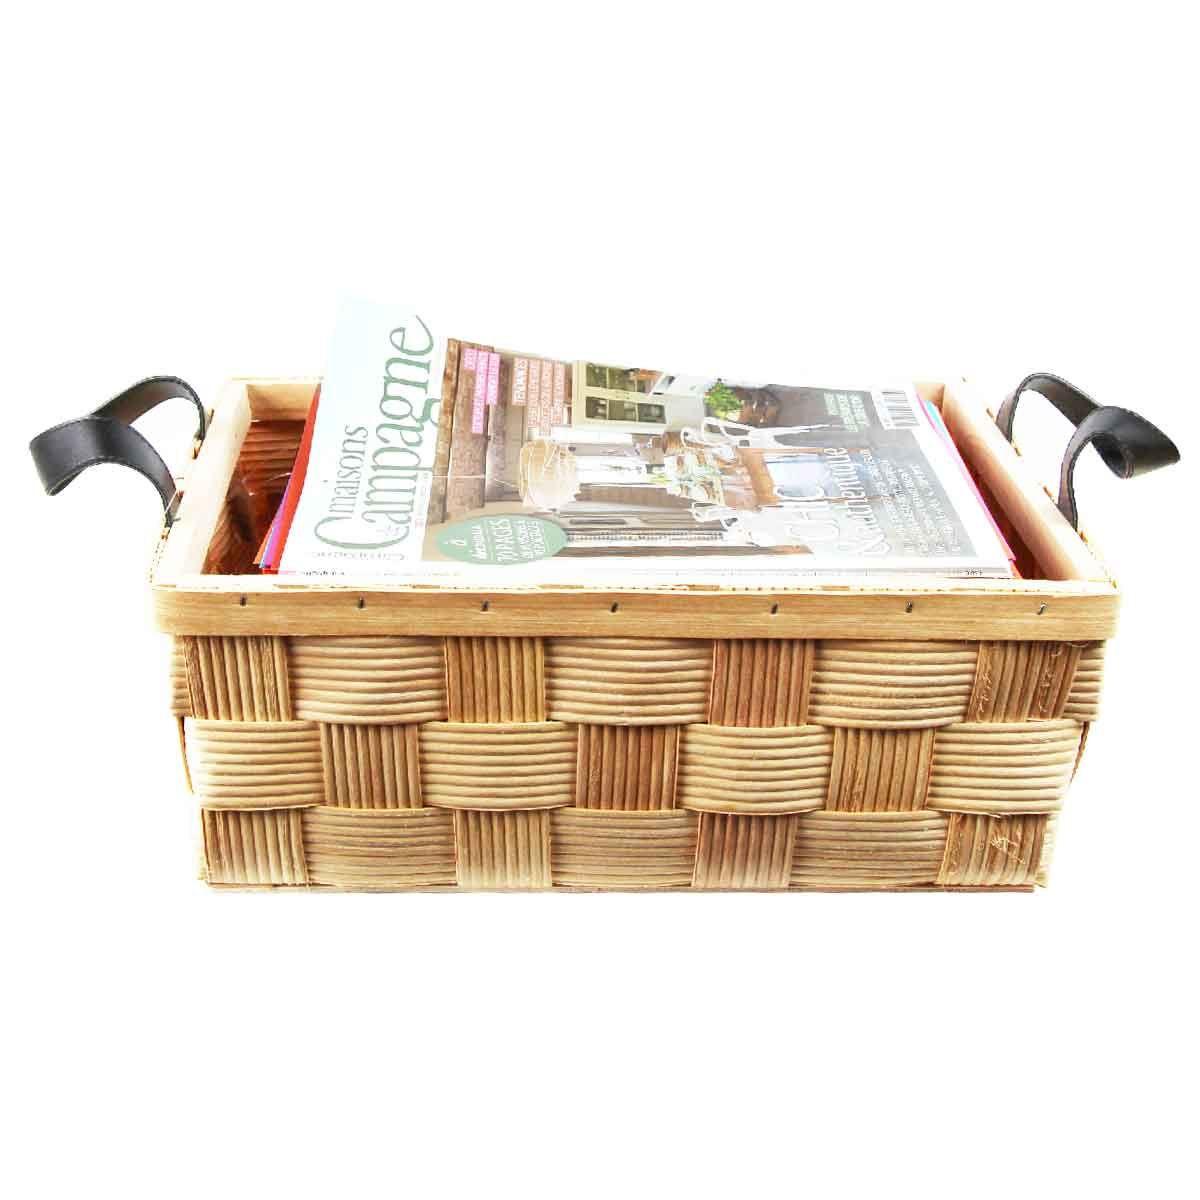 panier de rangement en lattes de bois. Black Bedroom Furniture Sets. Home Design Ideas